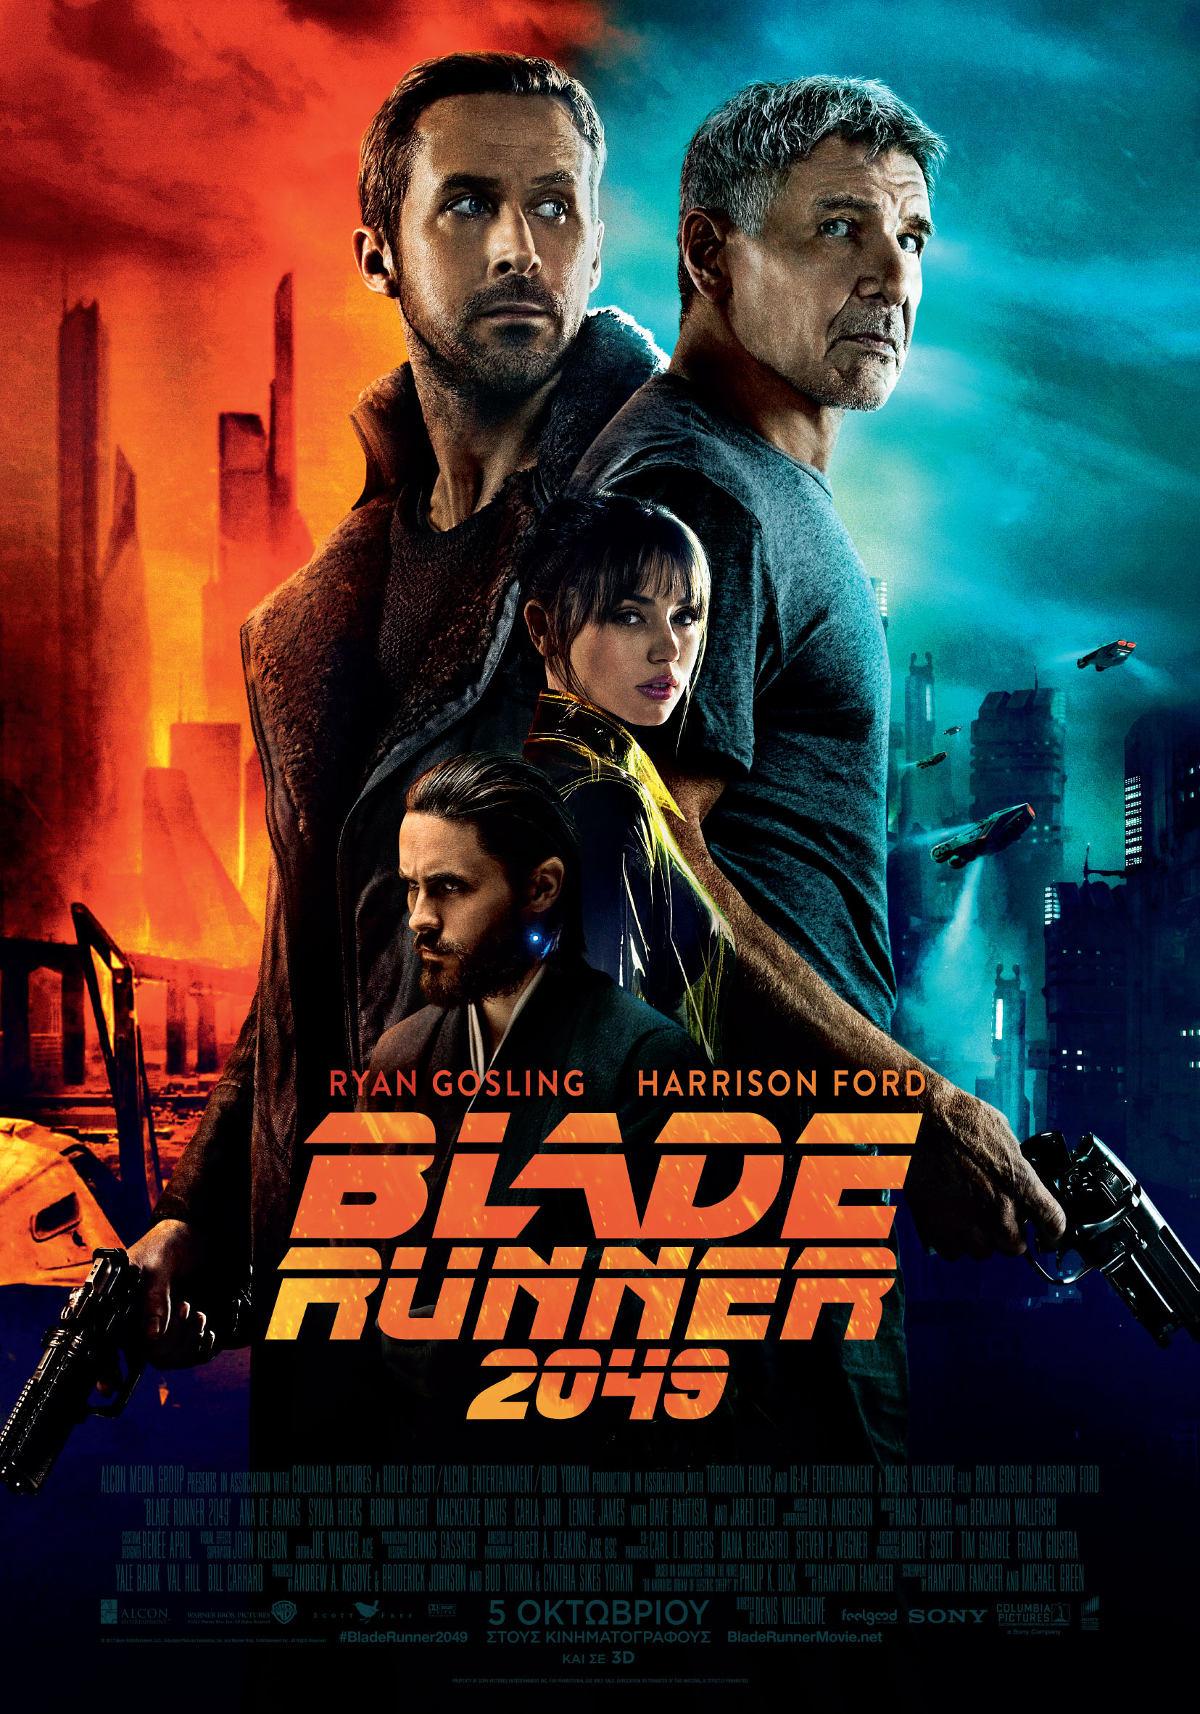 Blade Runner 2049 00